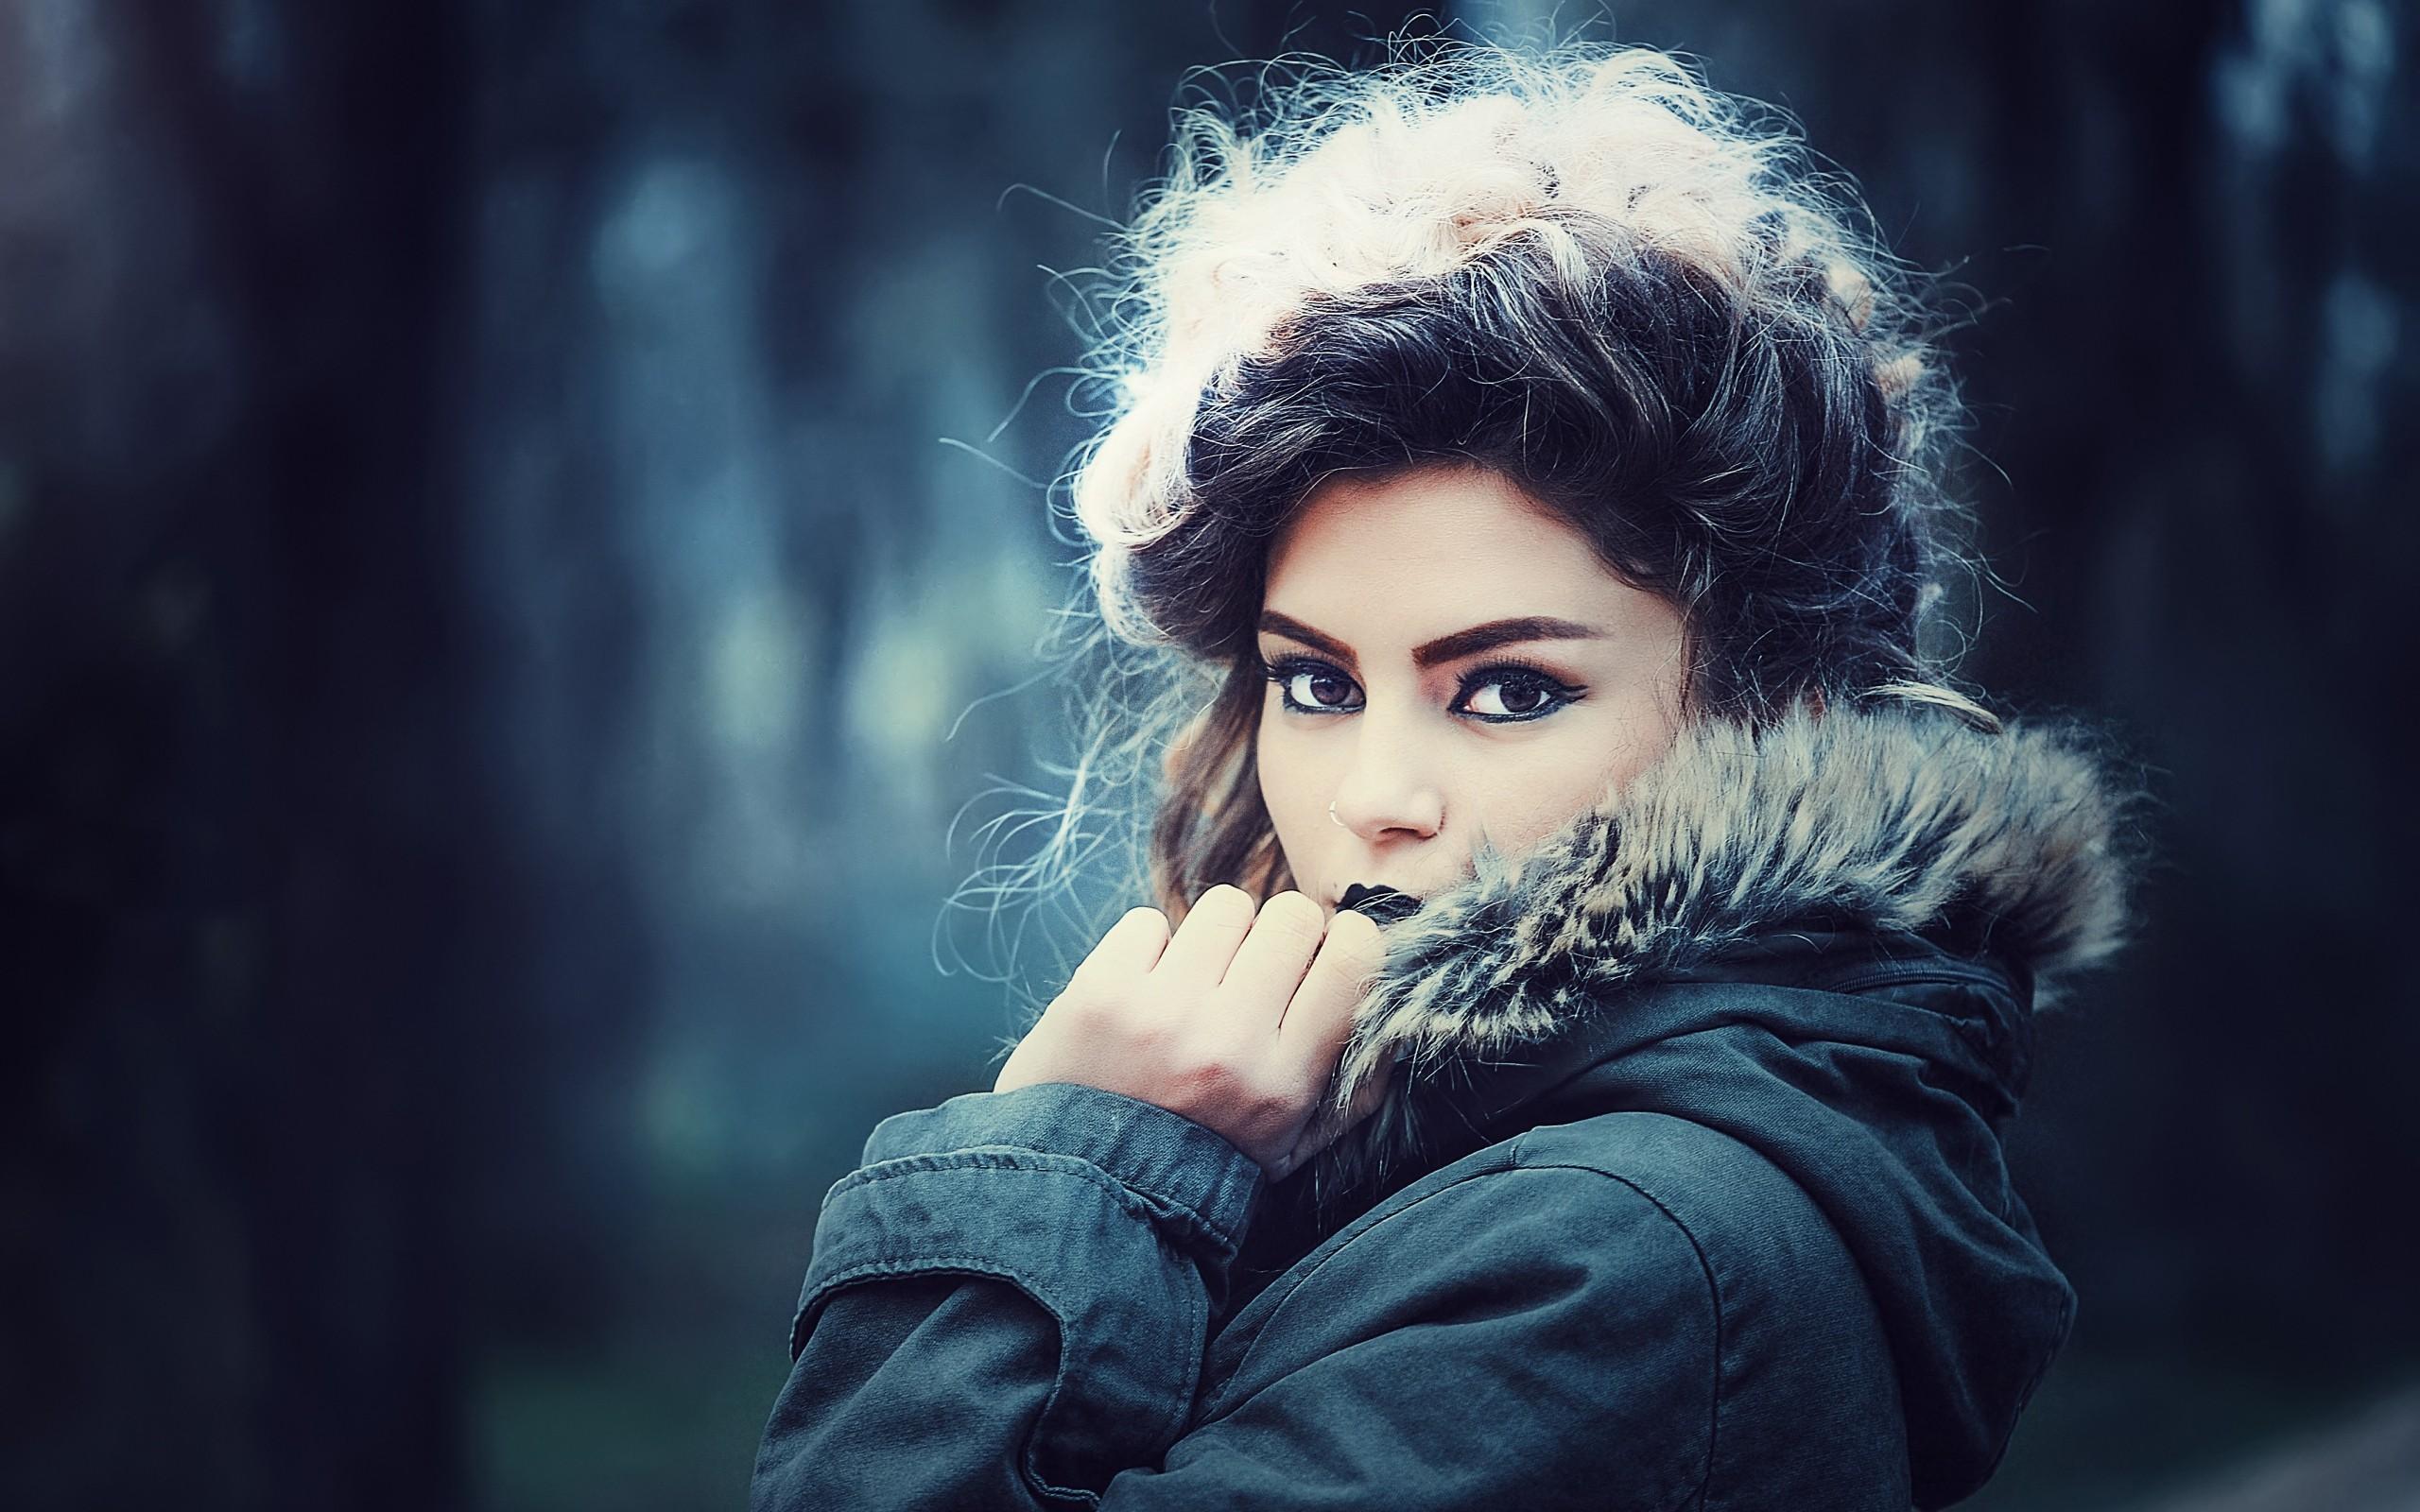 People 2560x1600 women dark hair makeup black lipstick face women outdoors